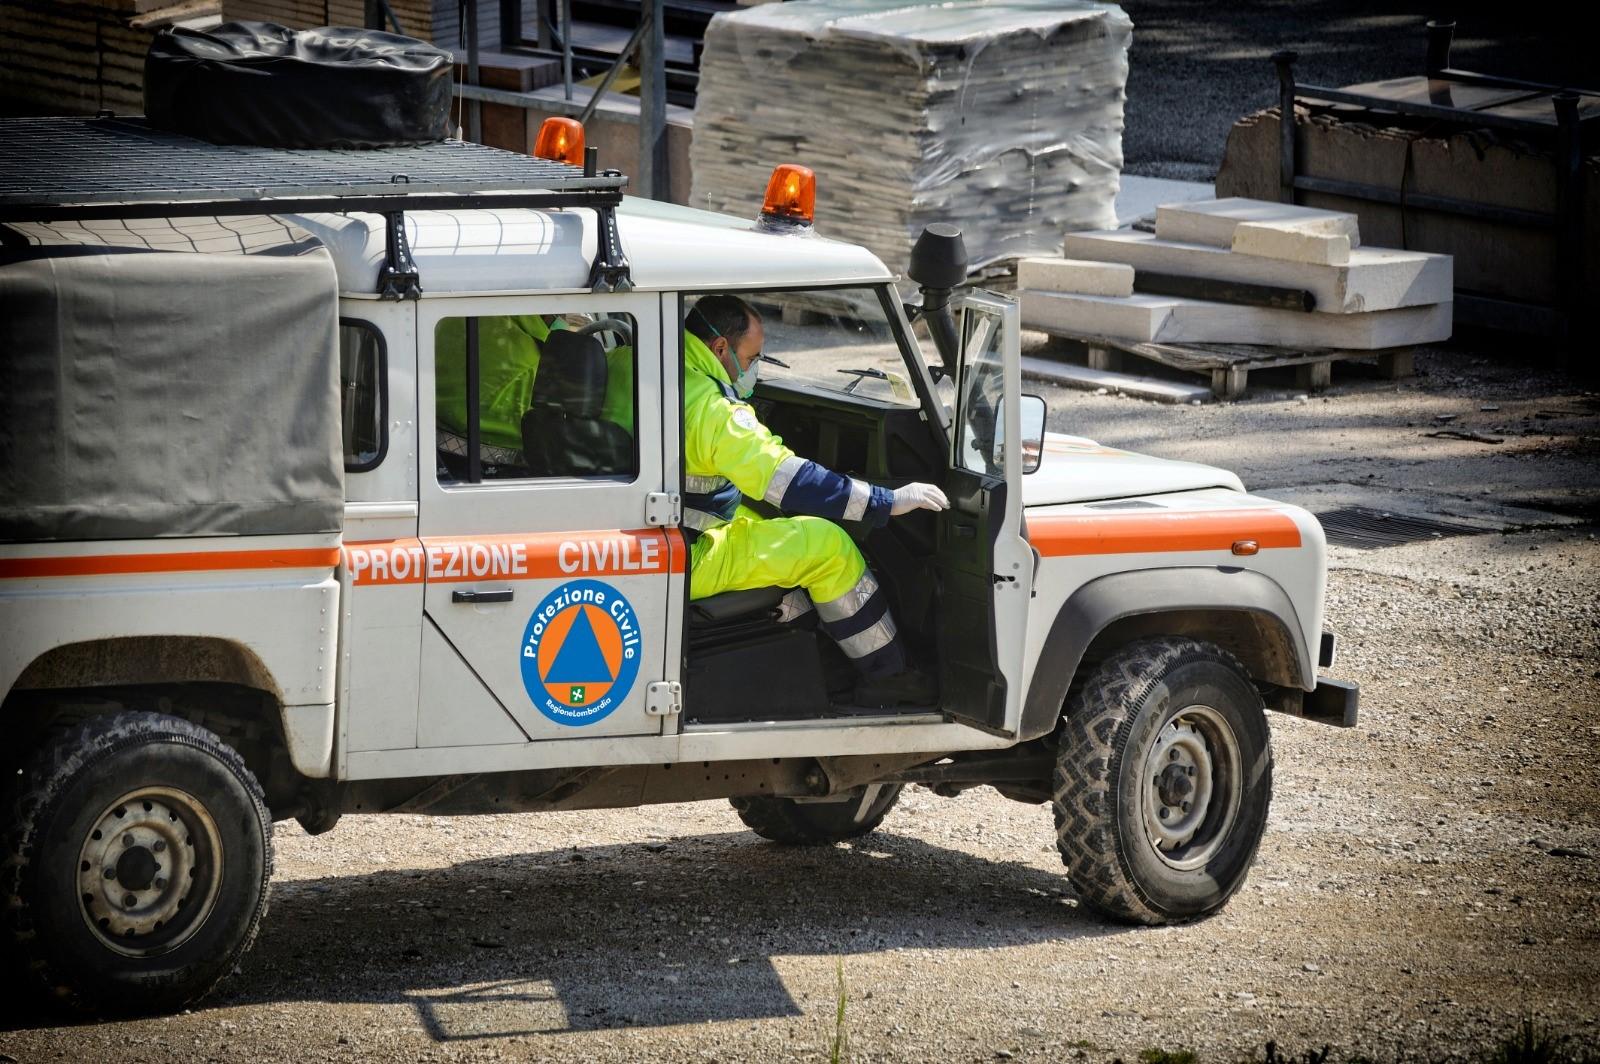 protezione civile centri emergenza